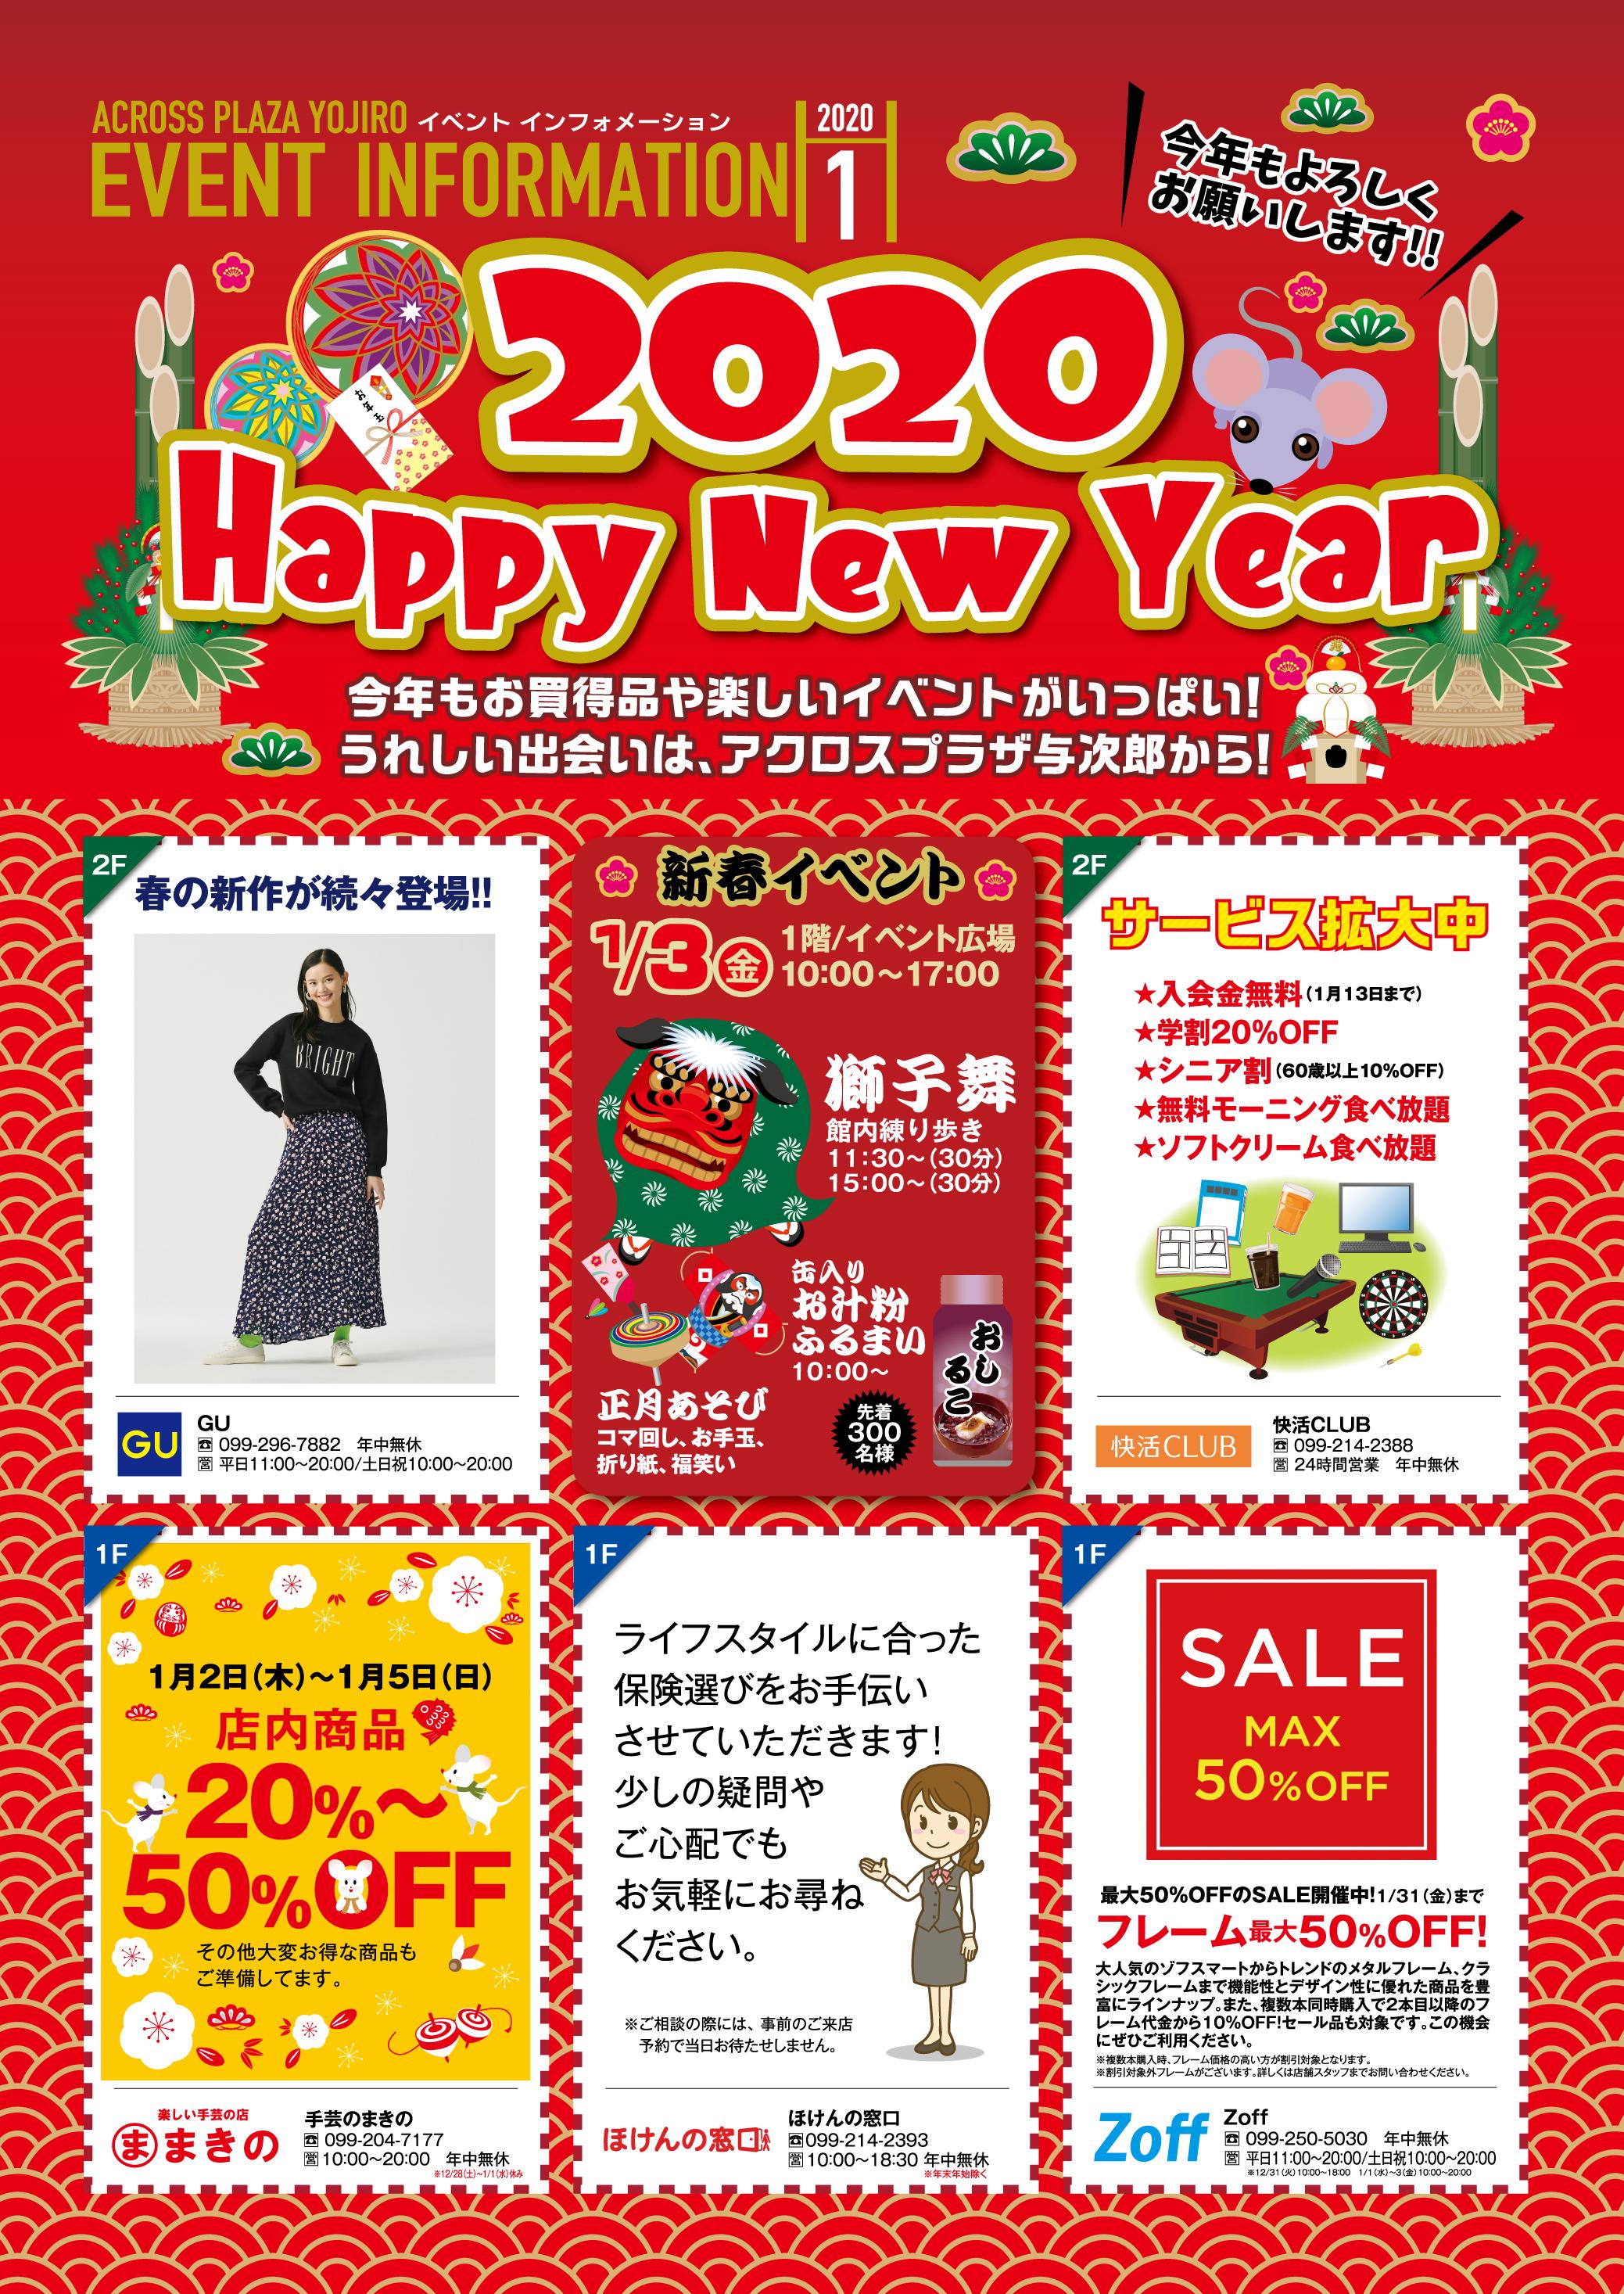 【アクロスプラザ与次郎】2020年1月イベントカレンダー!